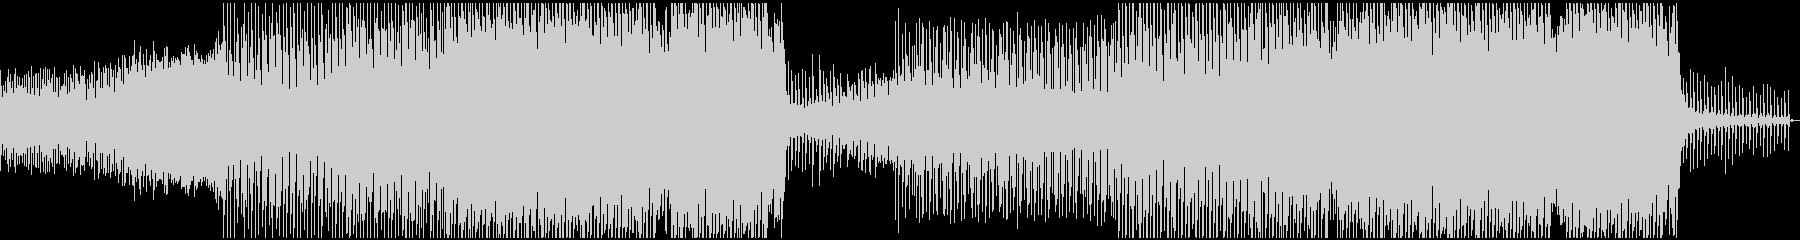 Whistling Forest EDM's unreproduced waveform